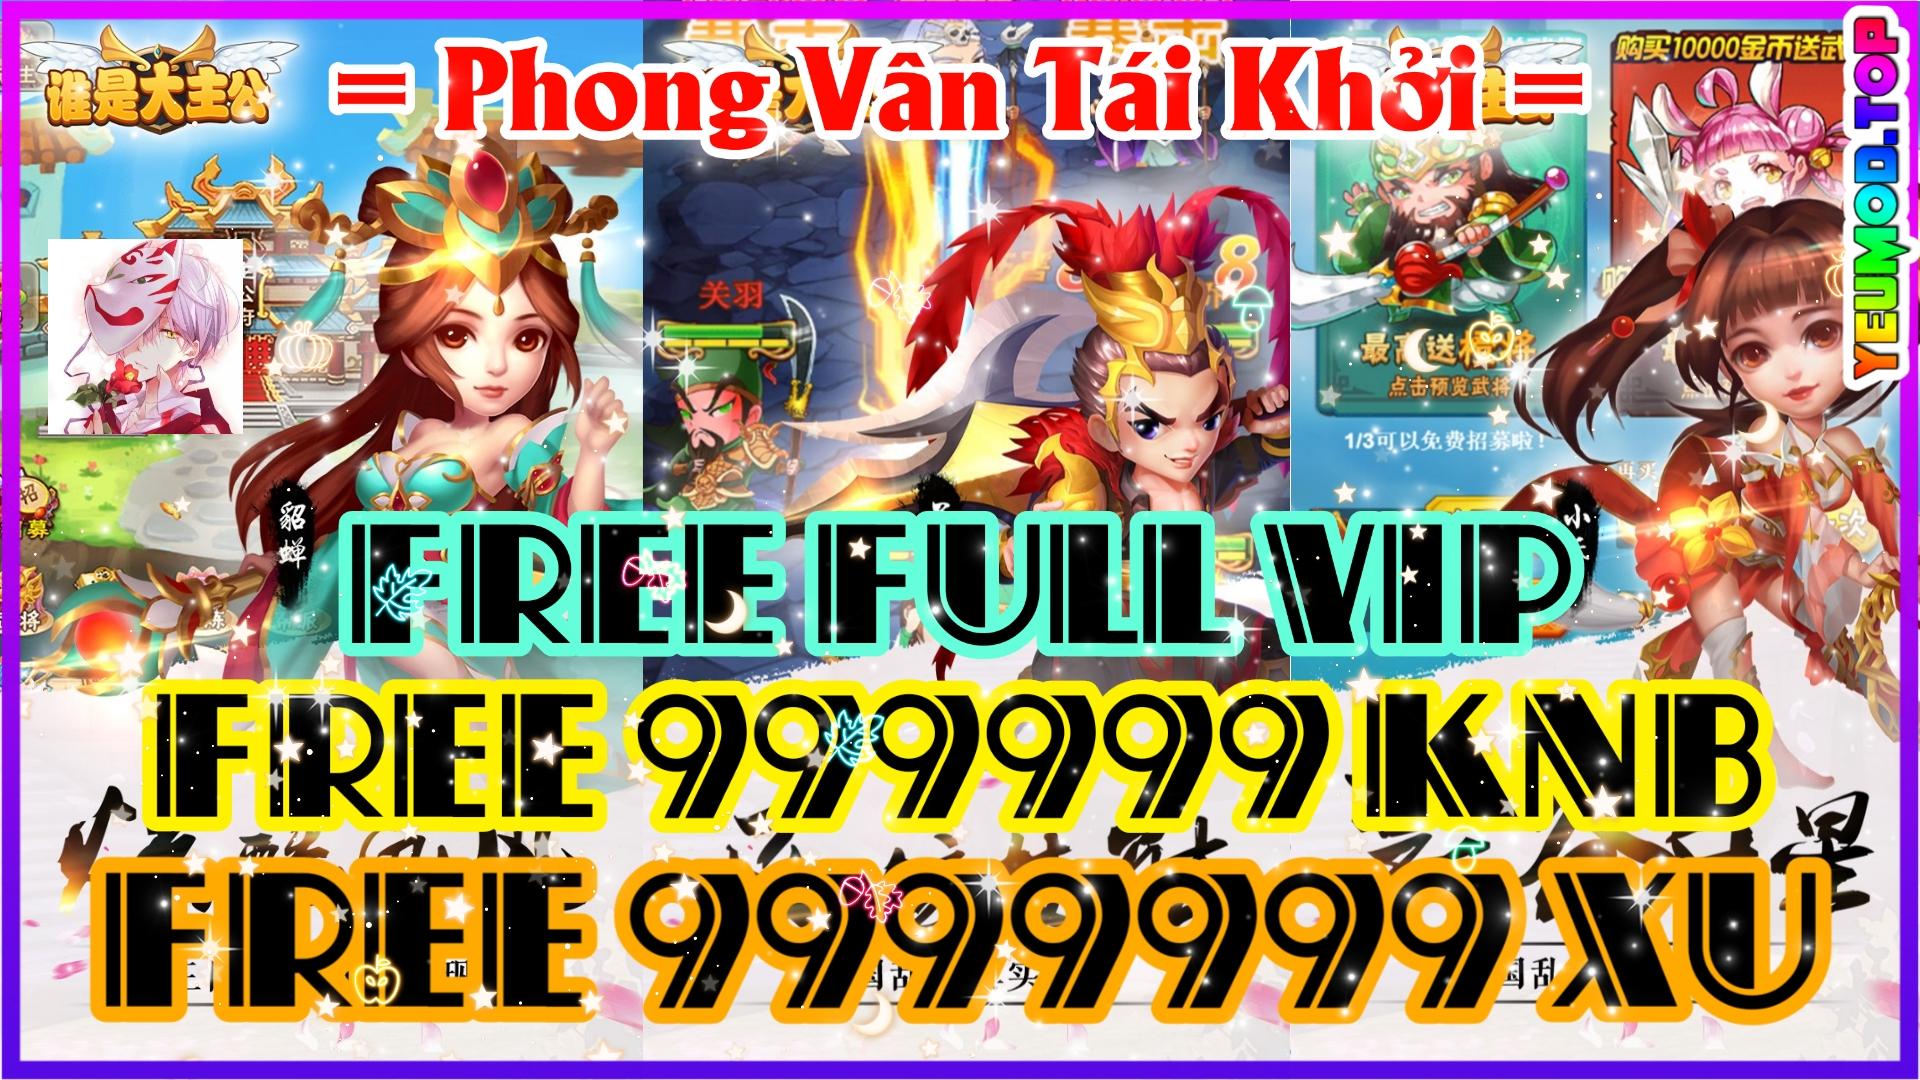 Phong Vân Tái Khởi Private | Free Full VIP | 999999 KNB | 9999999 Xu | Game Tam Quốc